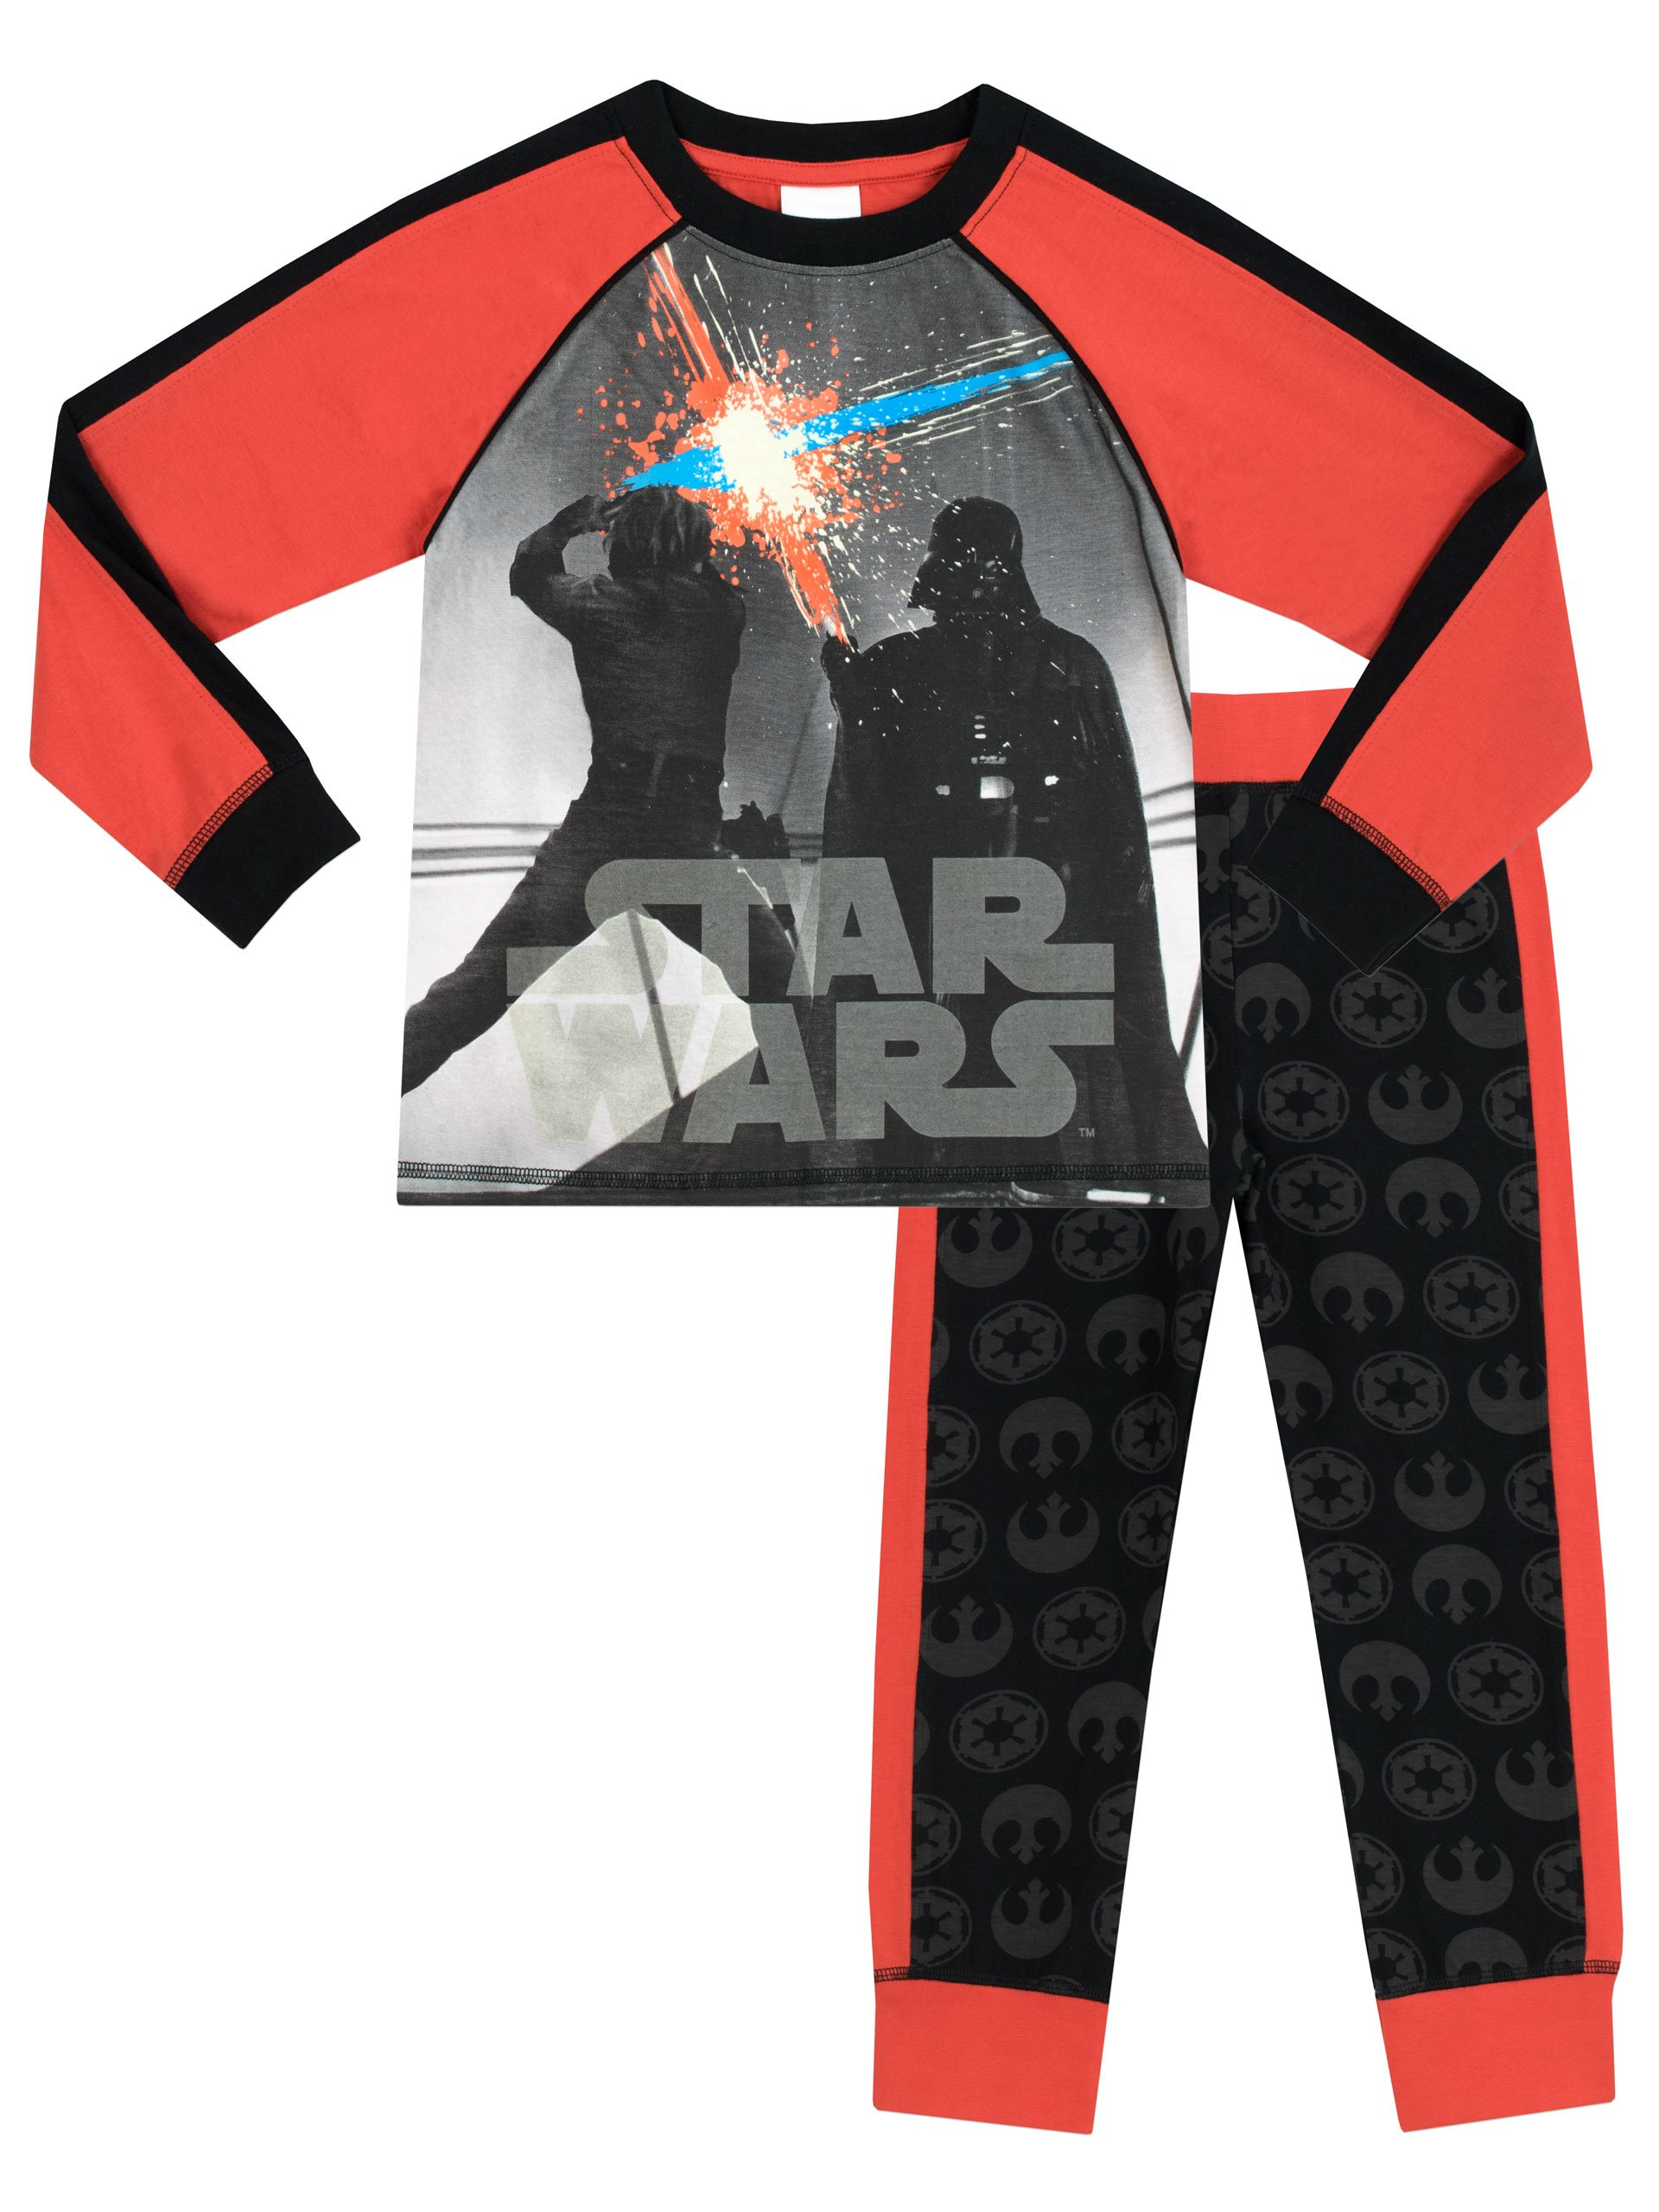 a144af4515 Star Wars - Pijama para Niños - Star Wars - Brillan En La Oscuridad product  image